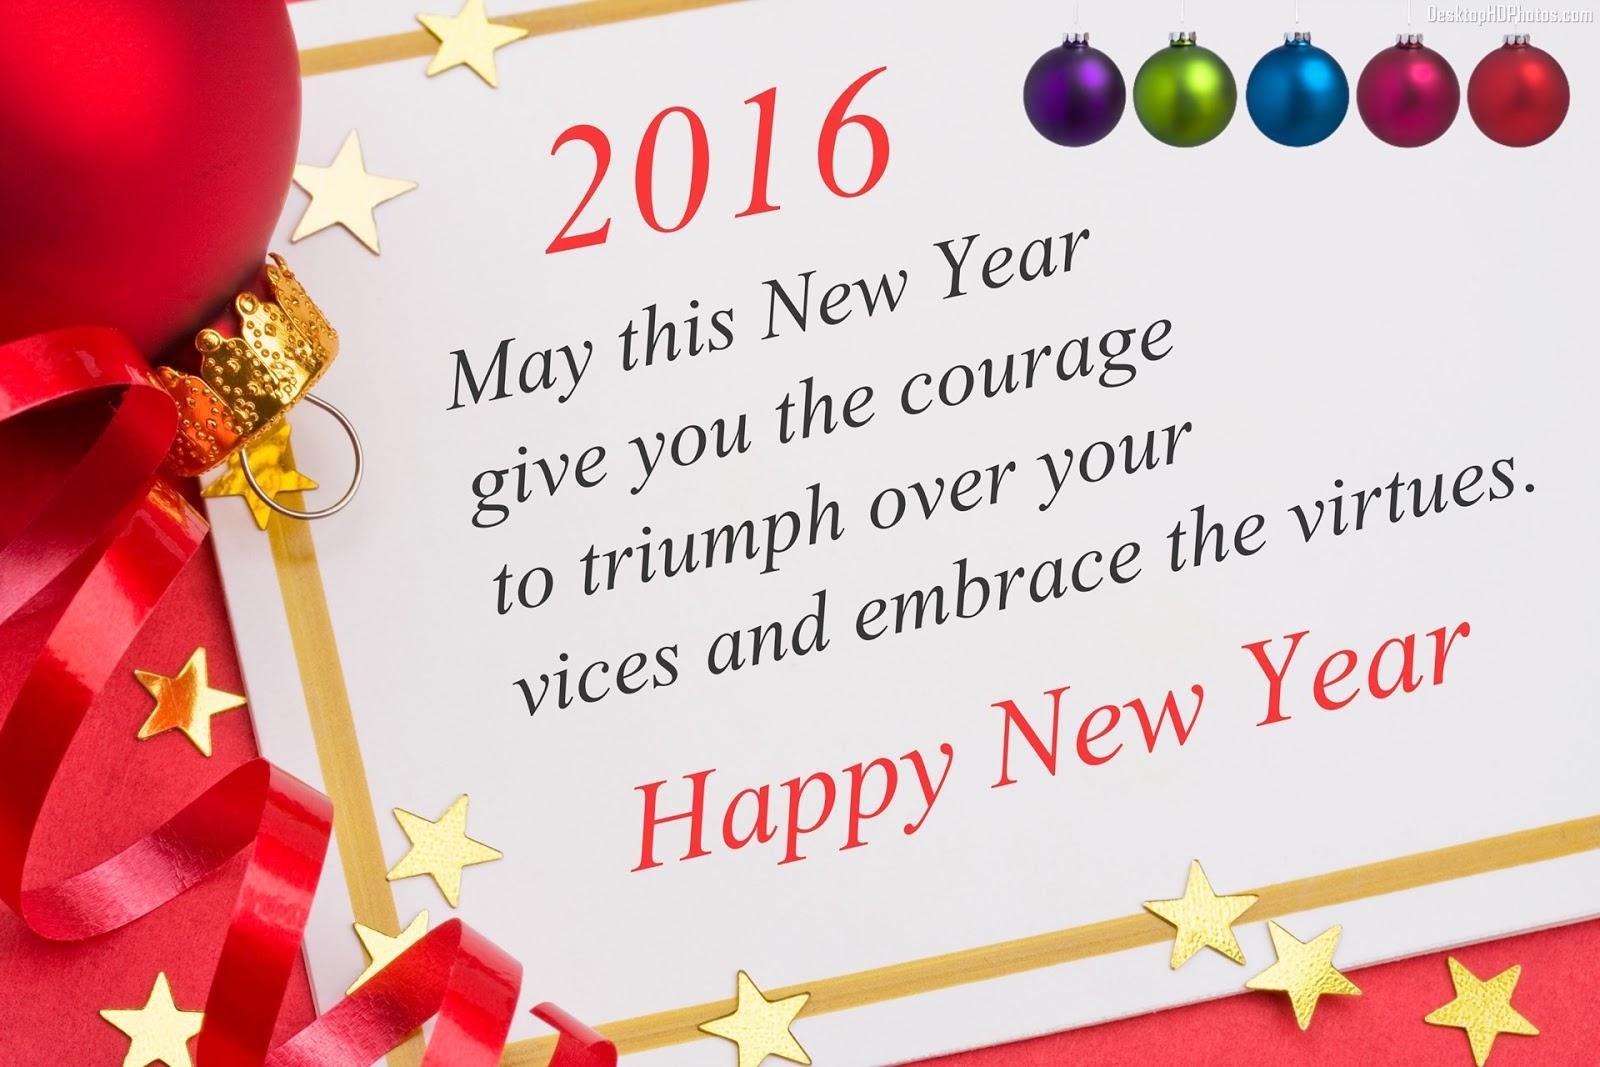 Entynas World Happy New Year 2016 Everyone